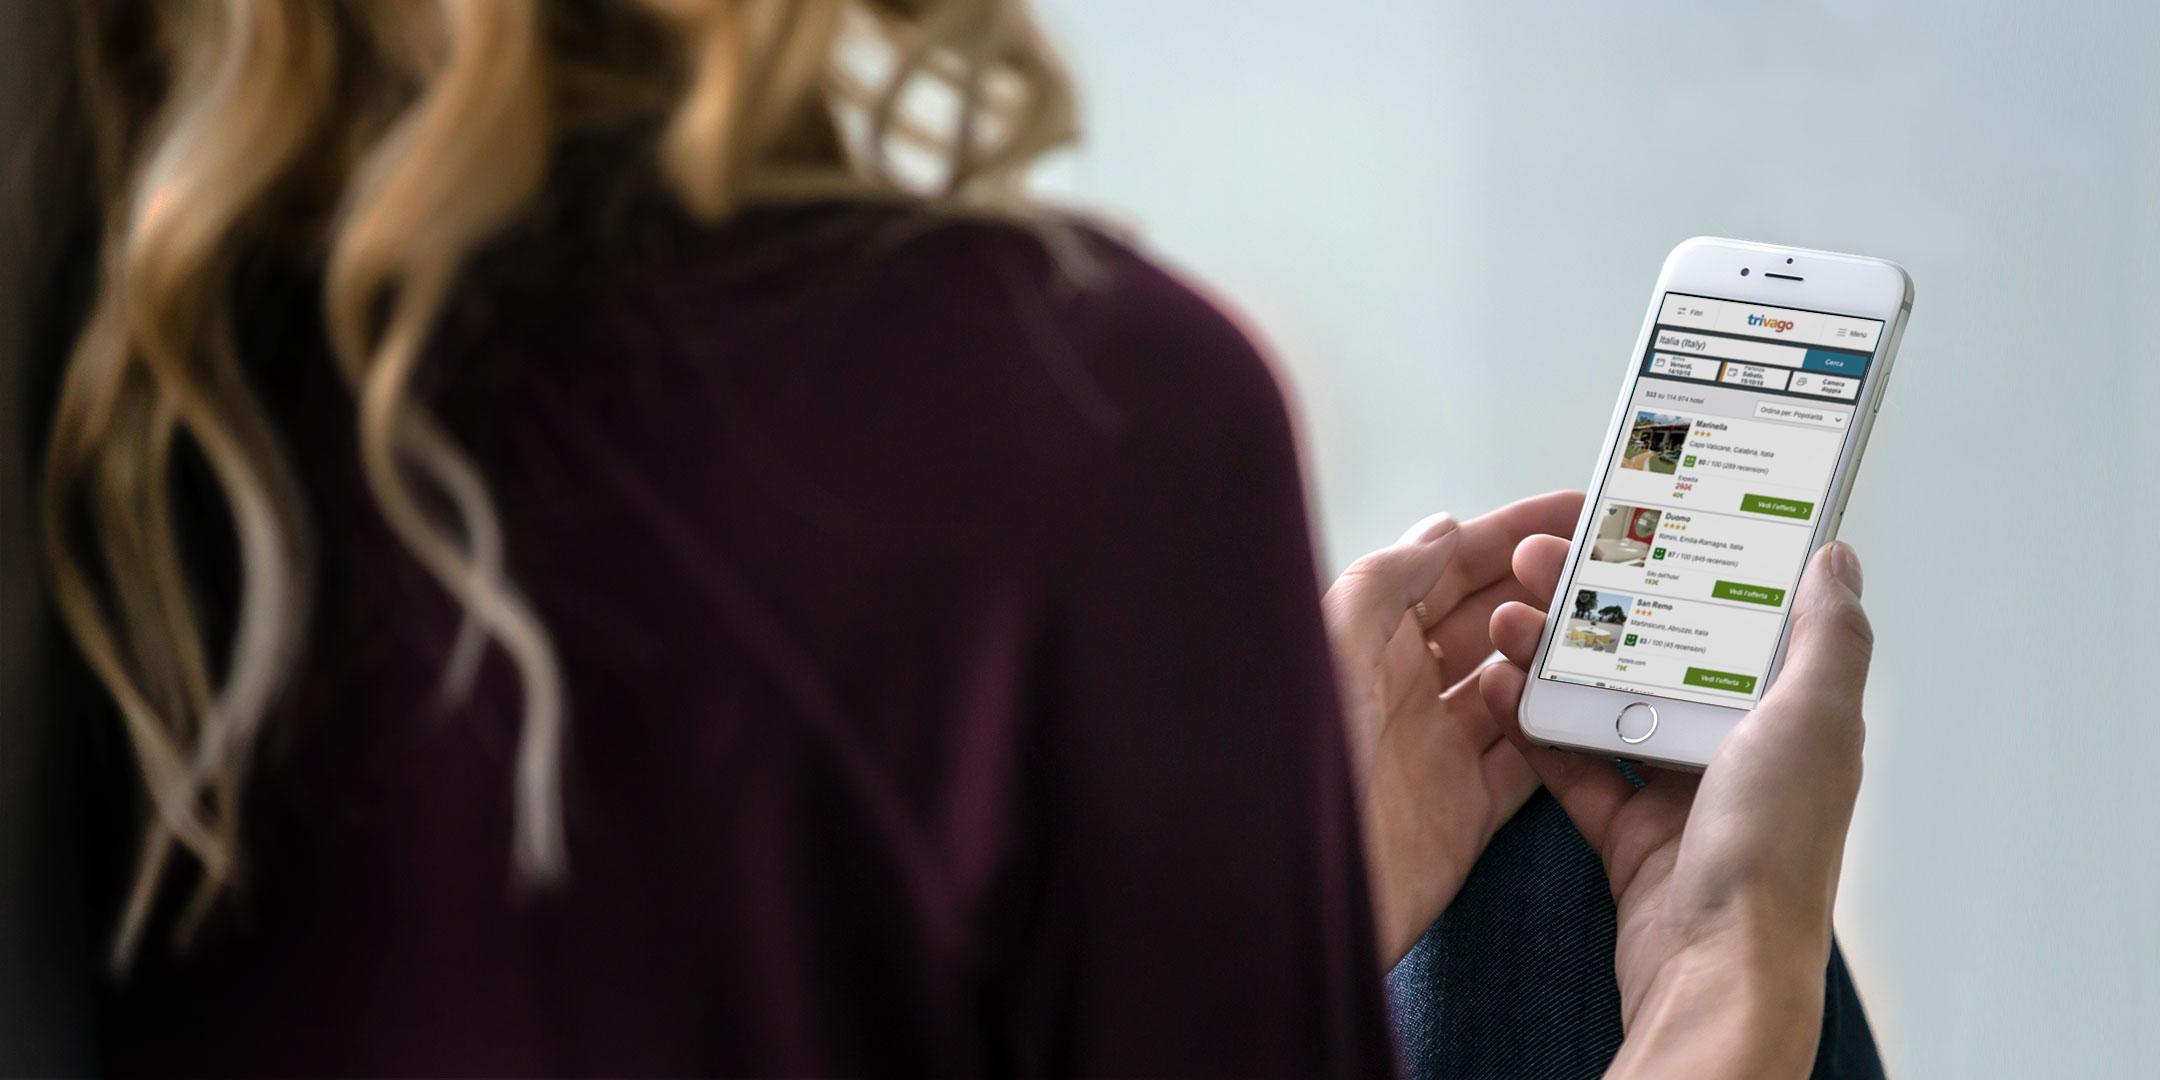 Donna che cerca un hotel su trivago dal suo smartphone